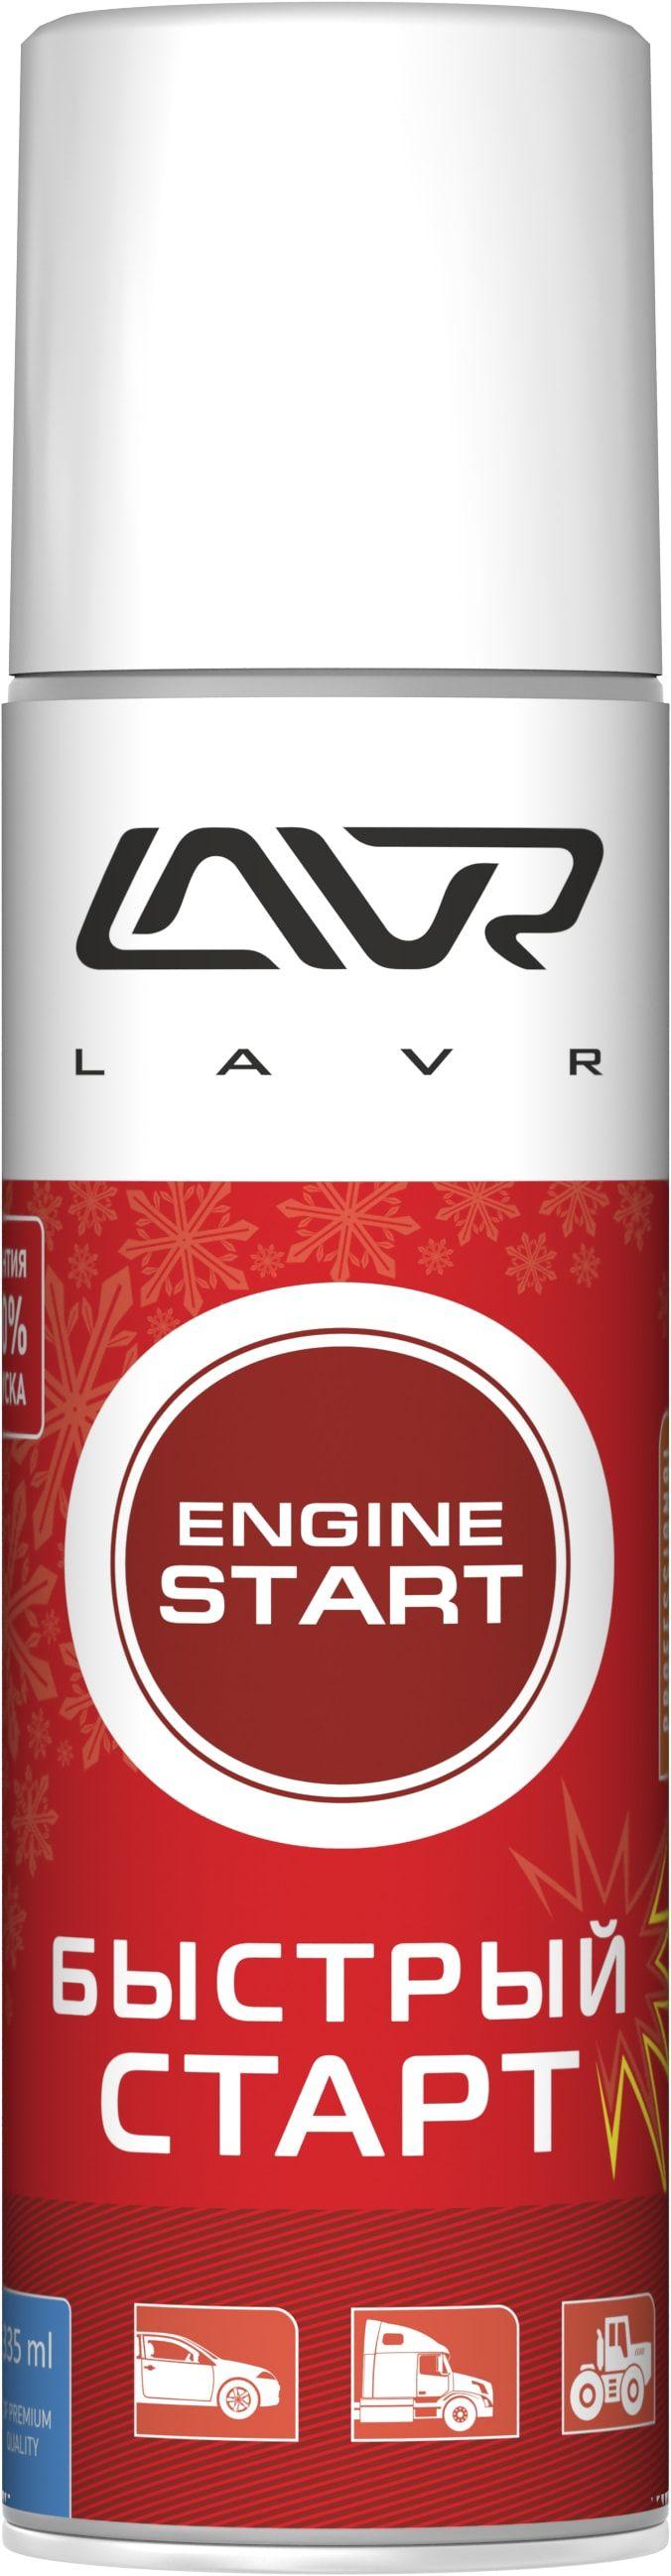 Быстрый старт Lavr Starting fluid 335 мл Ln1546